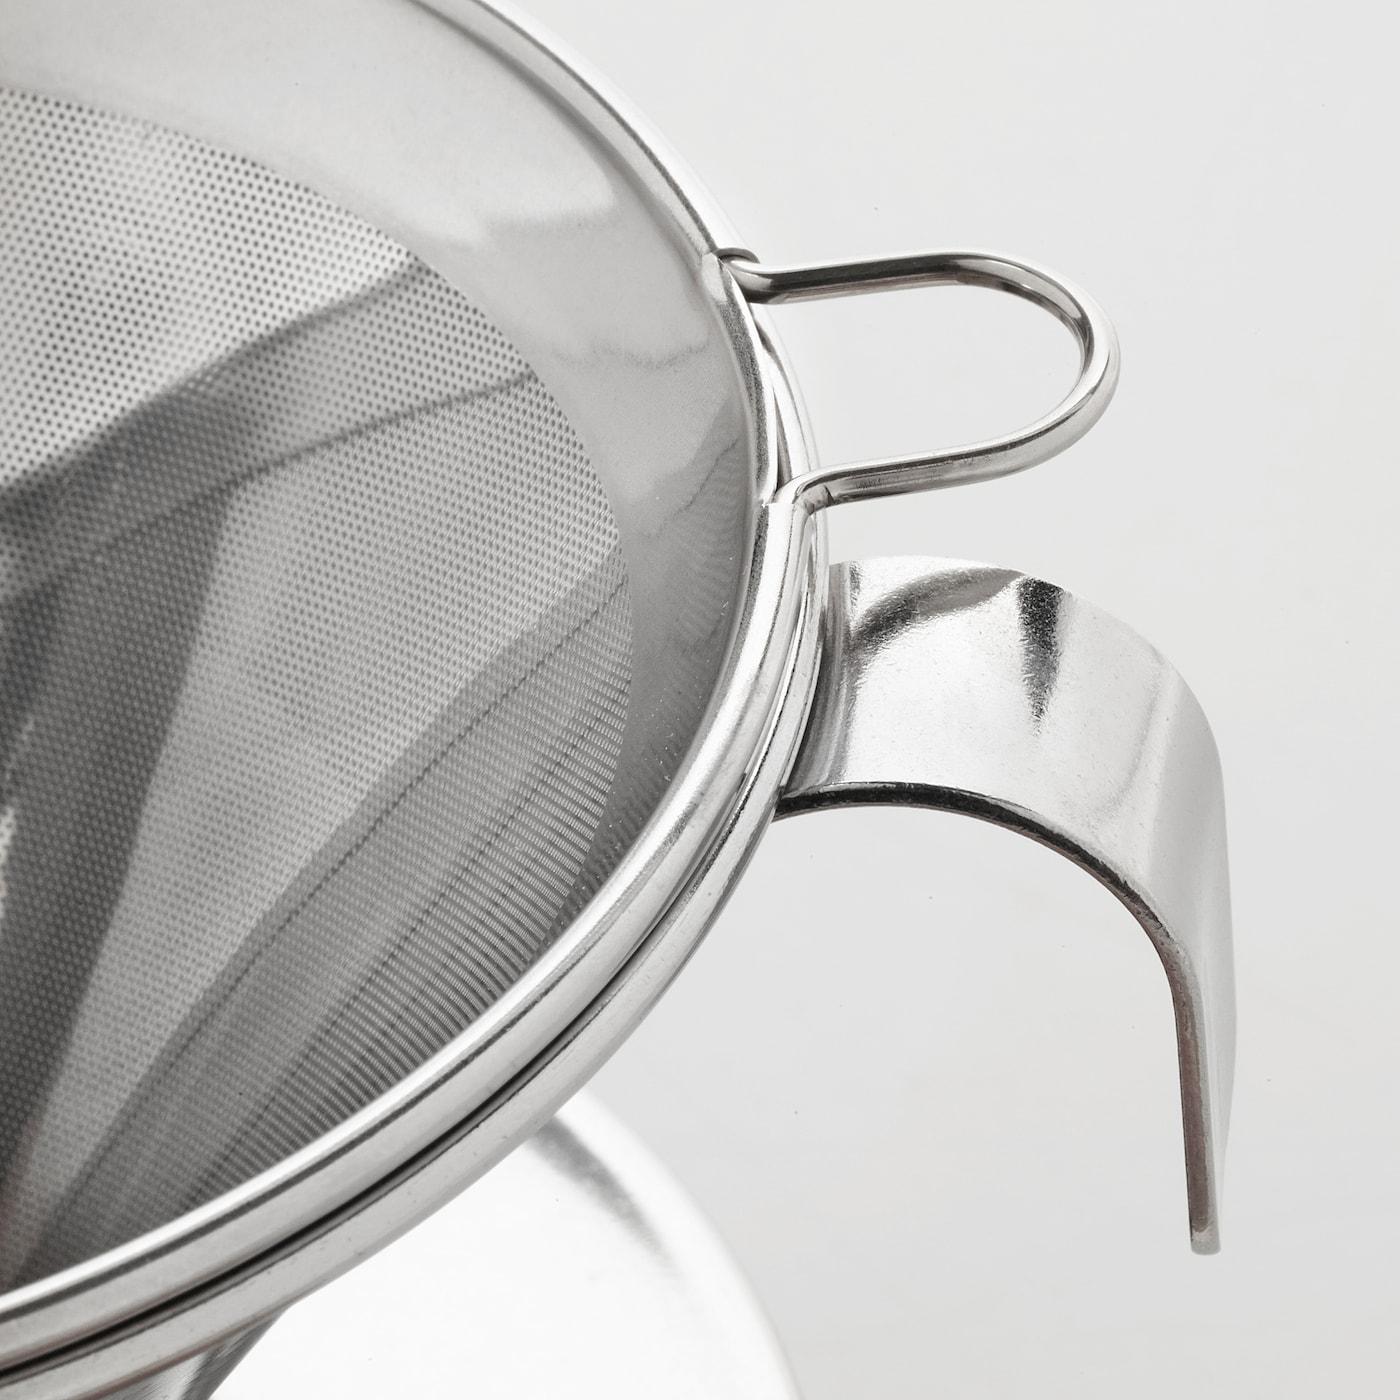 ÖVERST Kovový kávový filtr, sada 3 ks, nerezavějící ocel